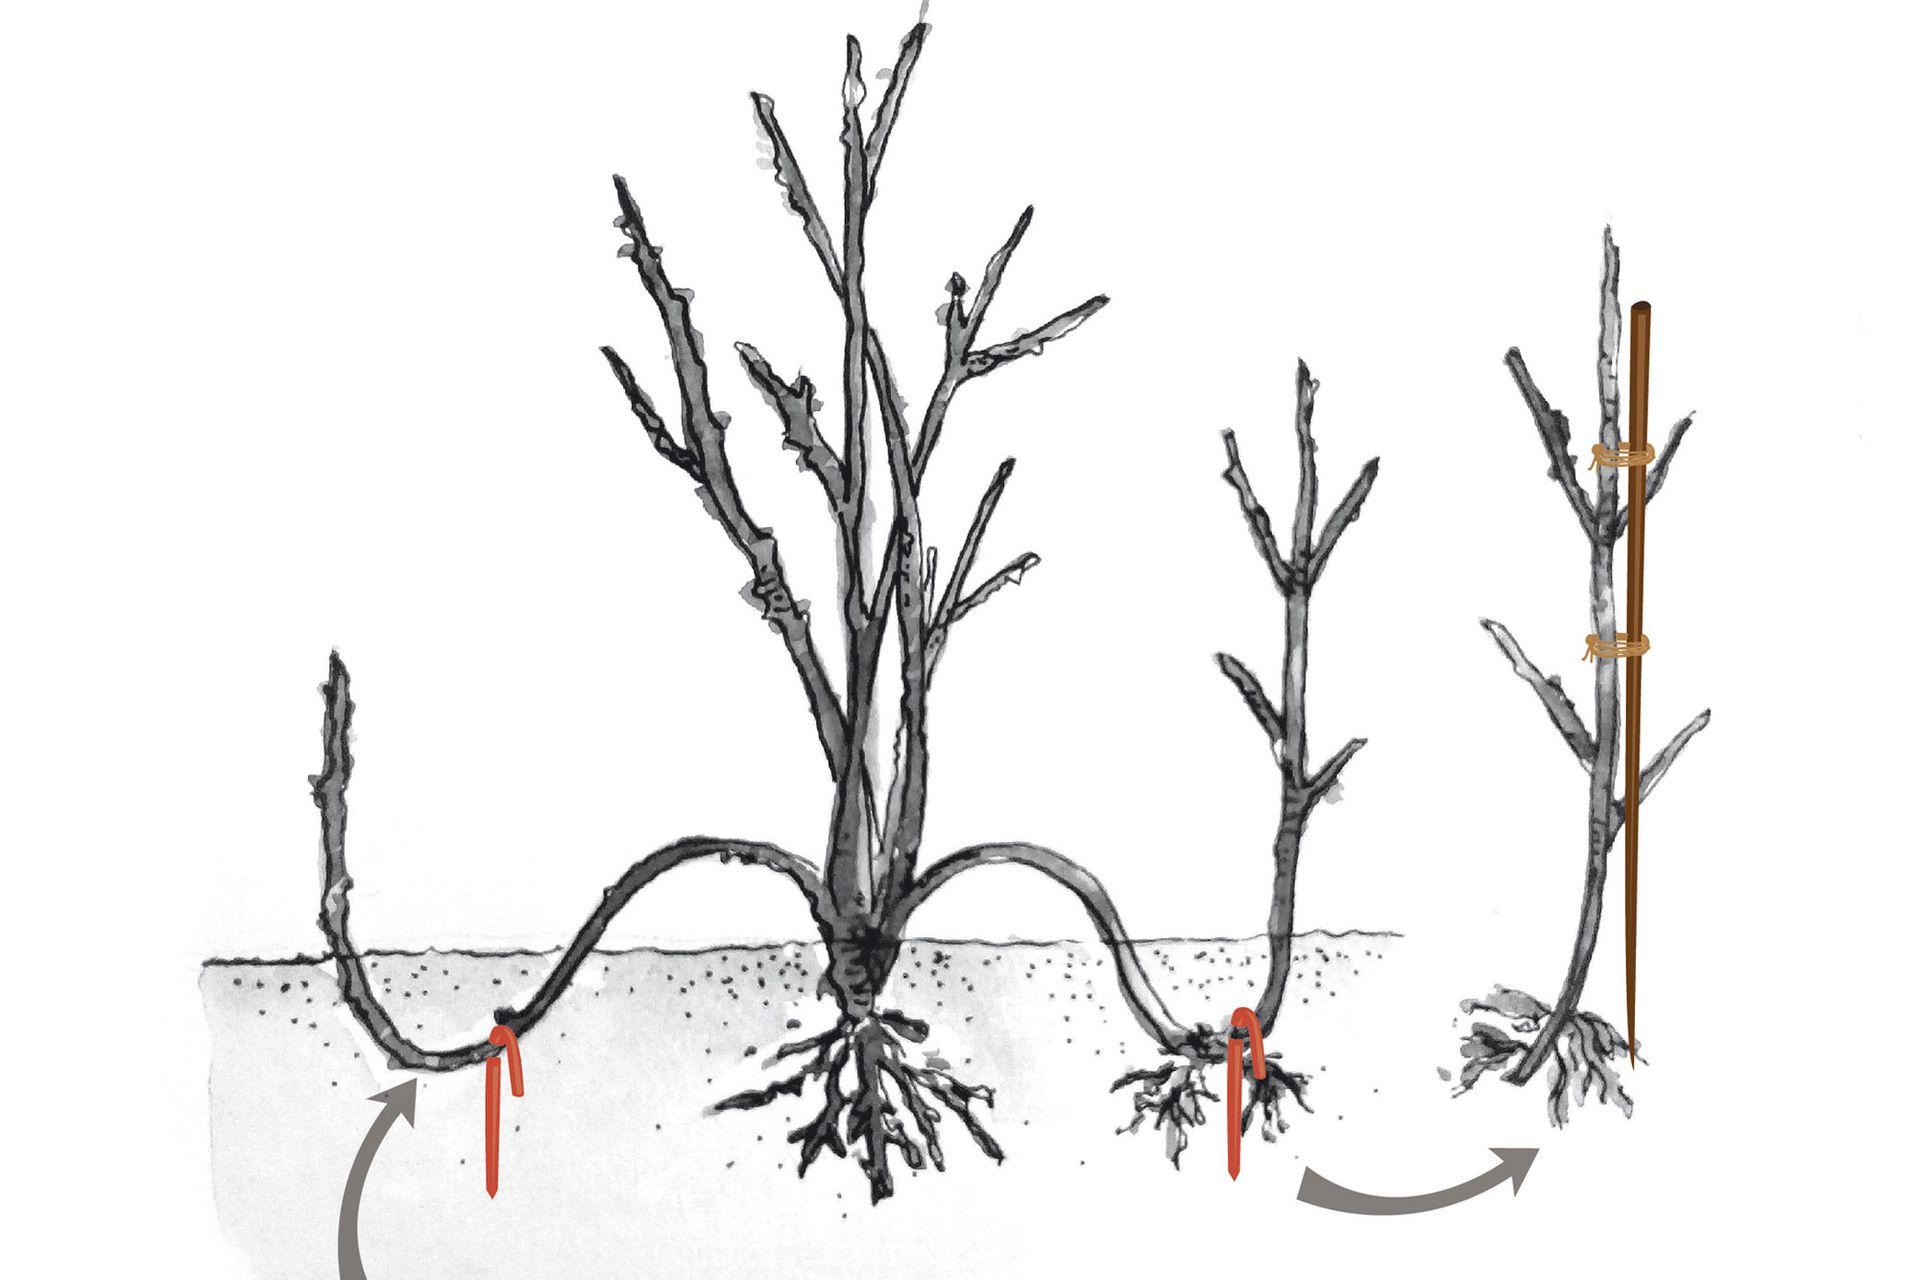 Se sujeta el codo con alambre o estaca de madera. Al colocar así la punta, esta se vuelve telescópica, desarrollando raíces rápidamente y emitiendo un brote vertical vigoroso en la primavera. En la primavera ya está enraizado y se separa de la planta.